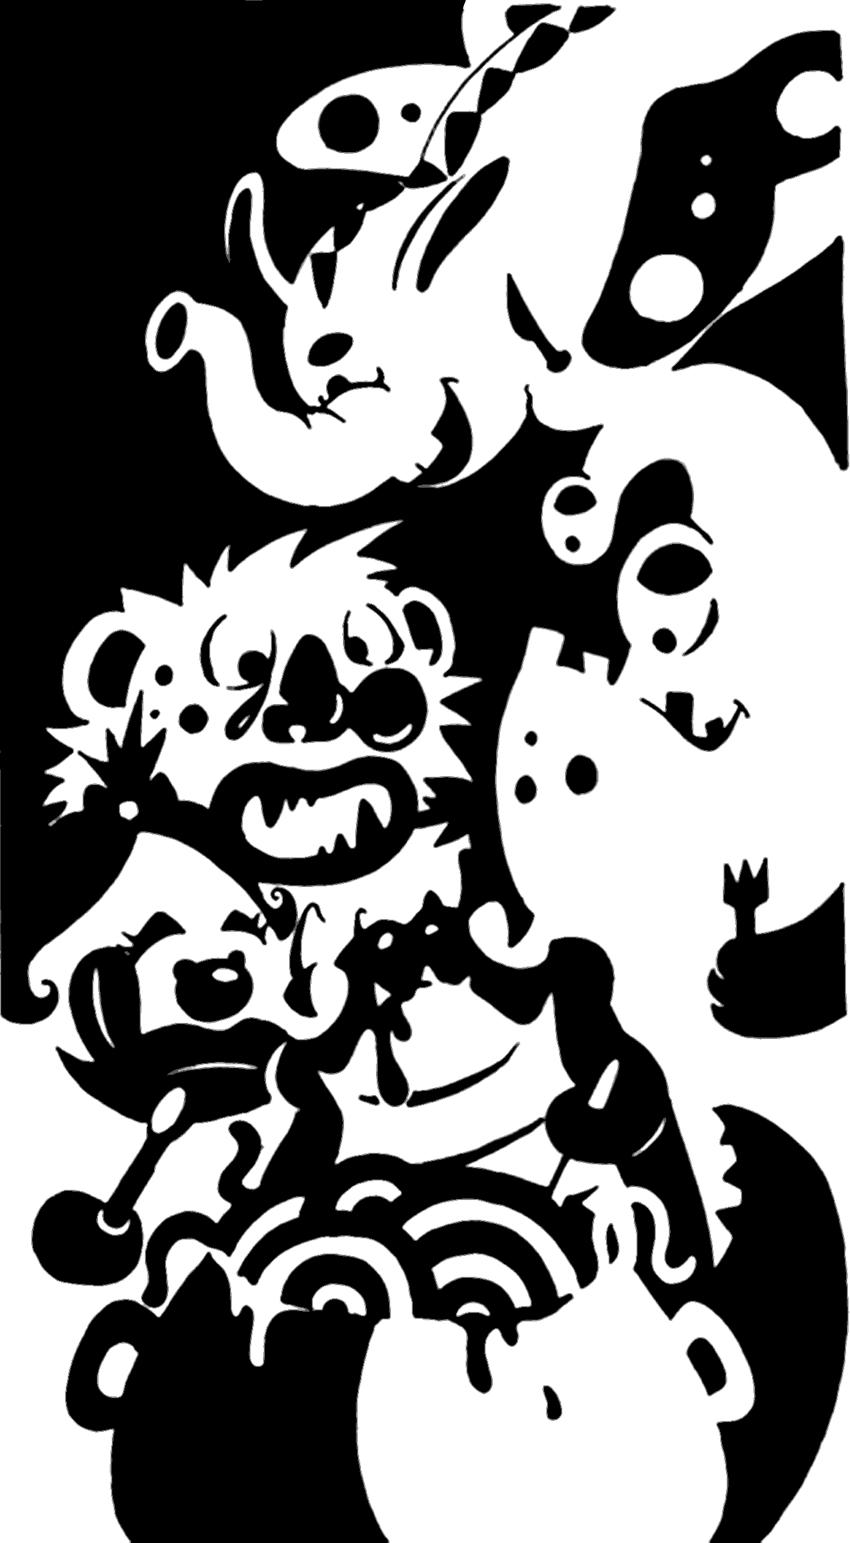 illustrazione di Anna Mosca - Genoa Comics Academy